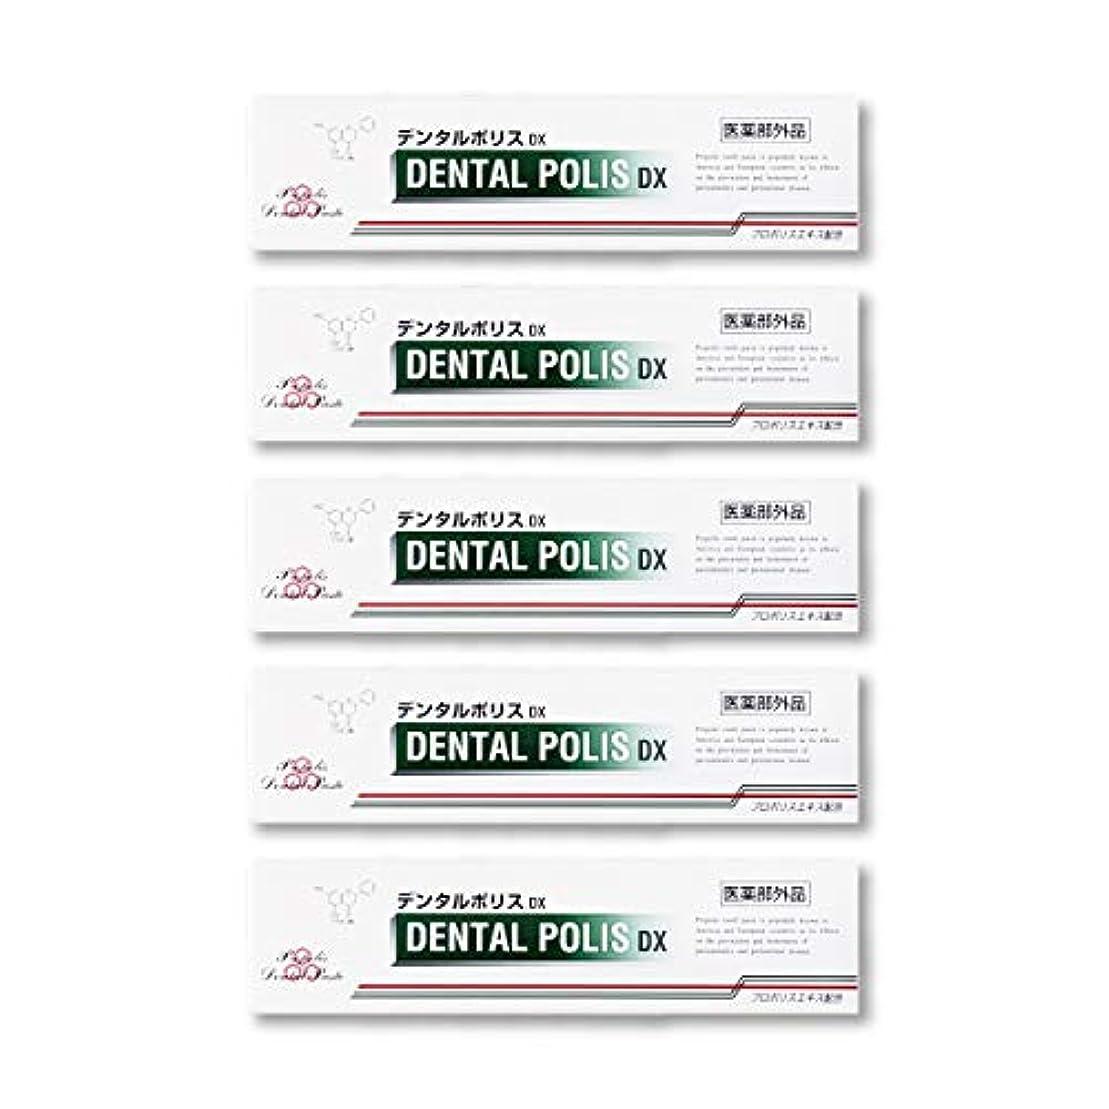 重大磁気争うデンタルポリスDX  80g   5本セット 医薬部外品  歯みがき